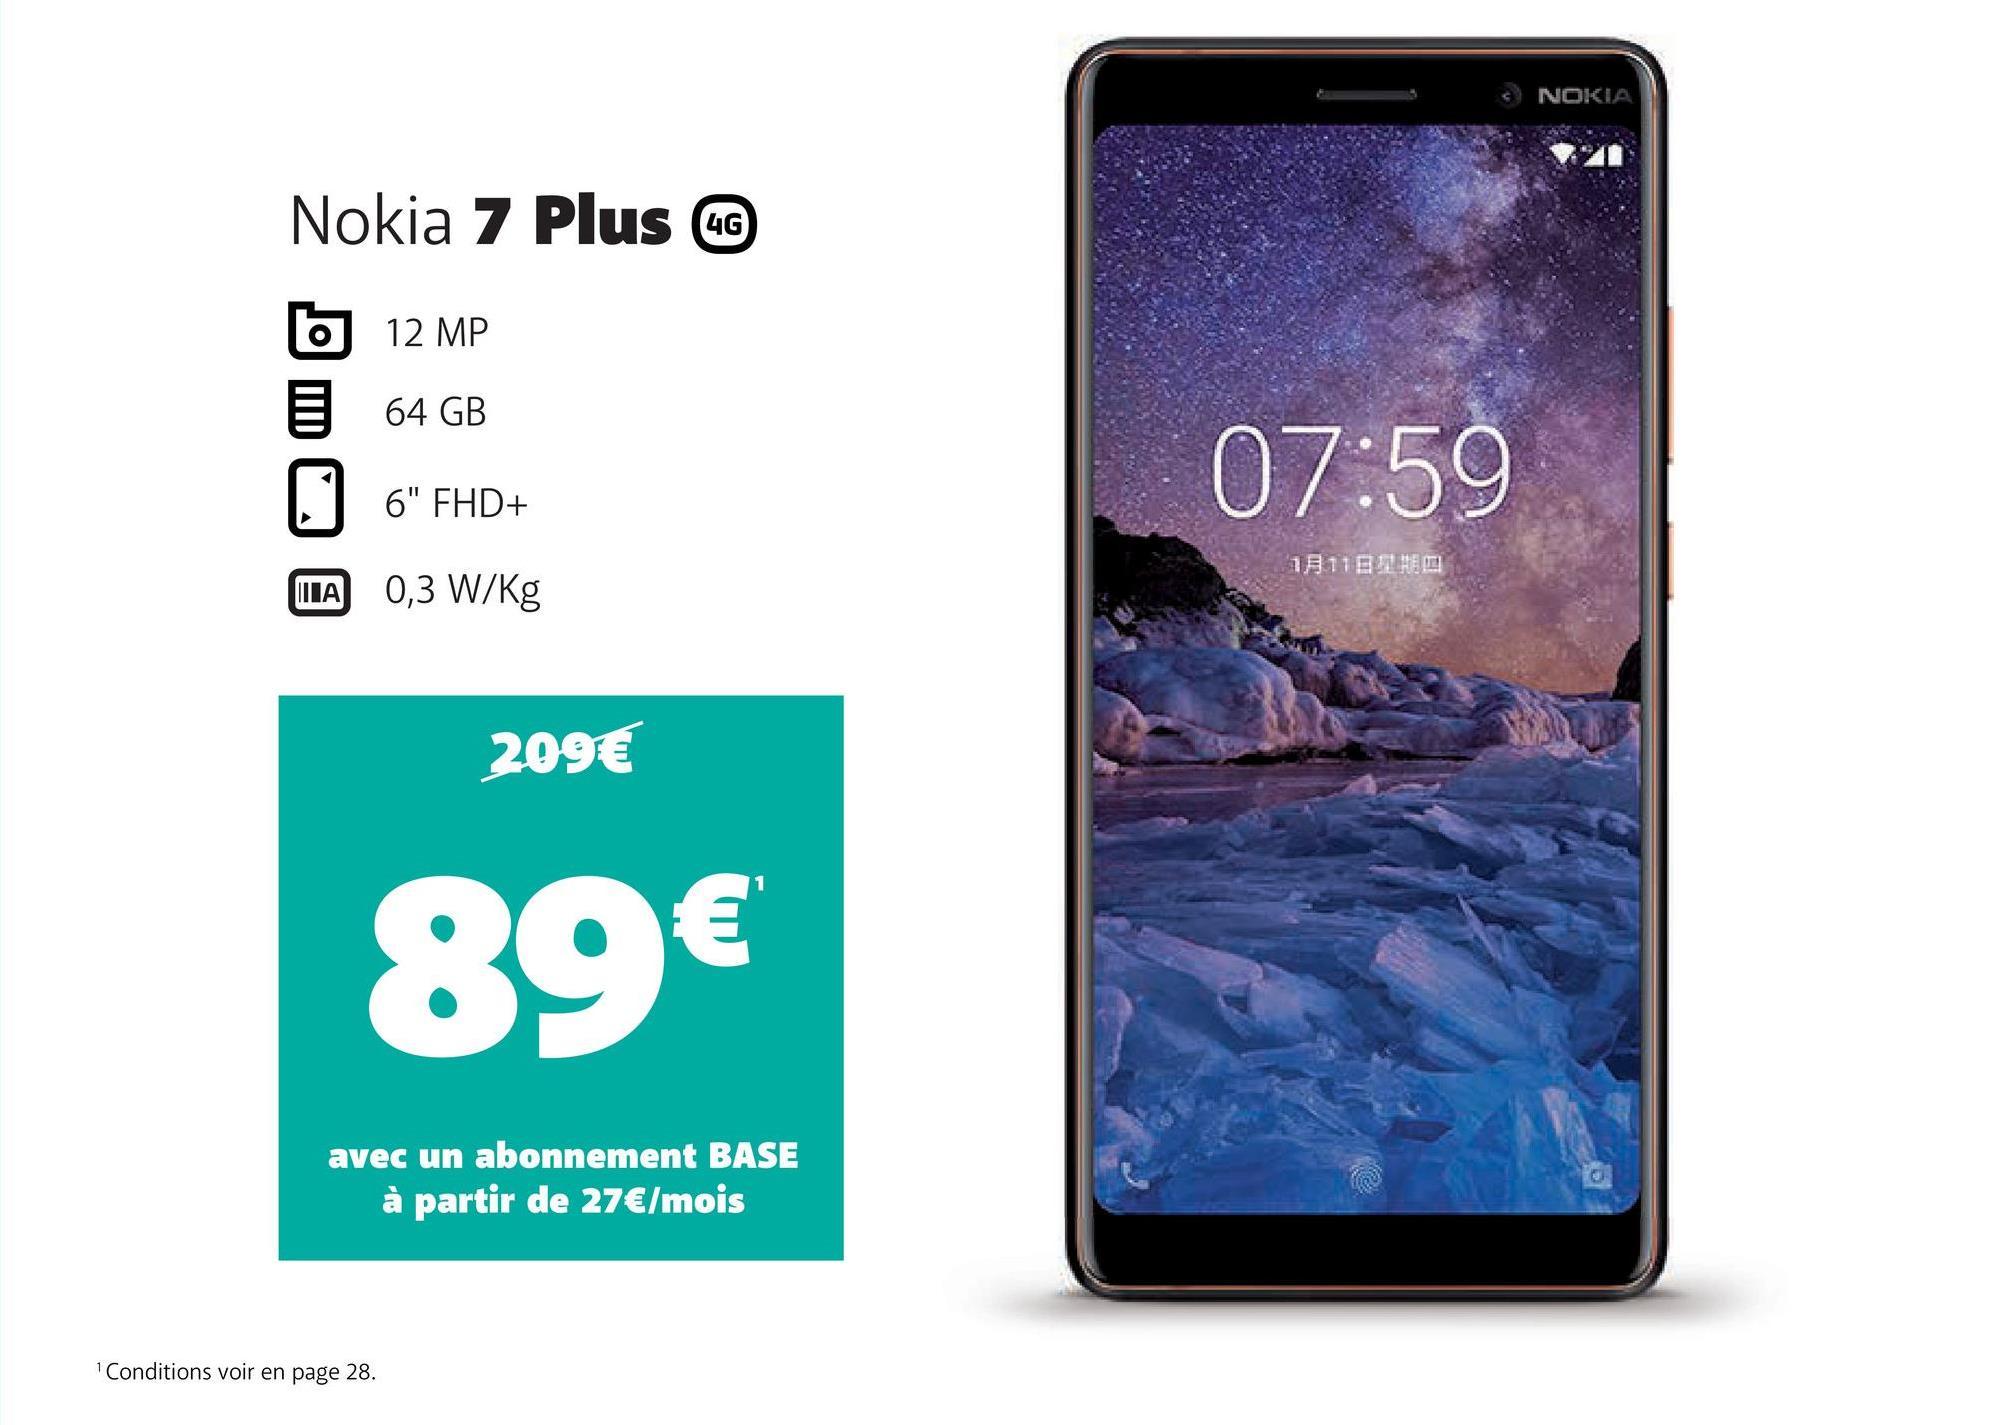 """• NOKIA Nokia 7 Plus @ b 12 MP 64 GB 06"""" FHD+ 0,3 W/kg 07:59 18116 IA 209€ 89€ avec un abonnement BASE à partir de 27€/mois Conditions voir en page 28."""